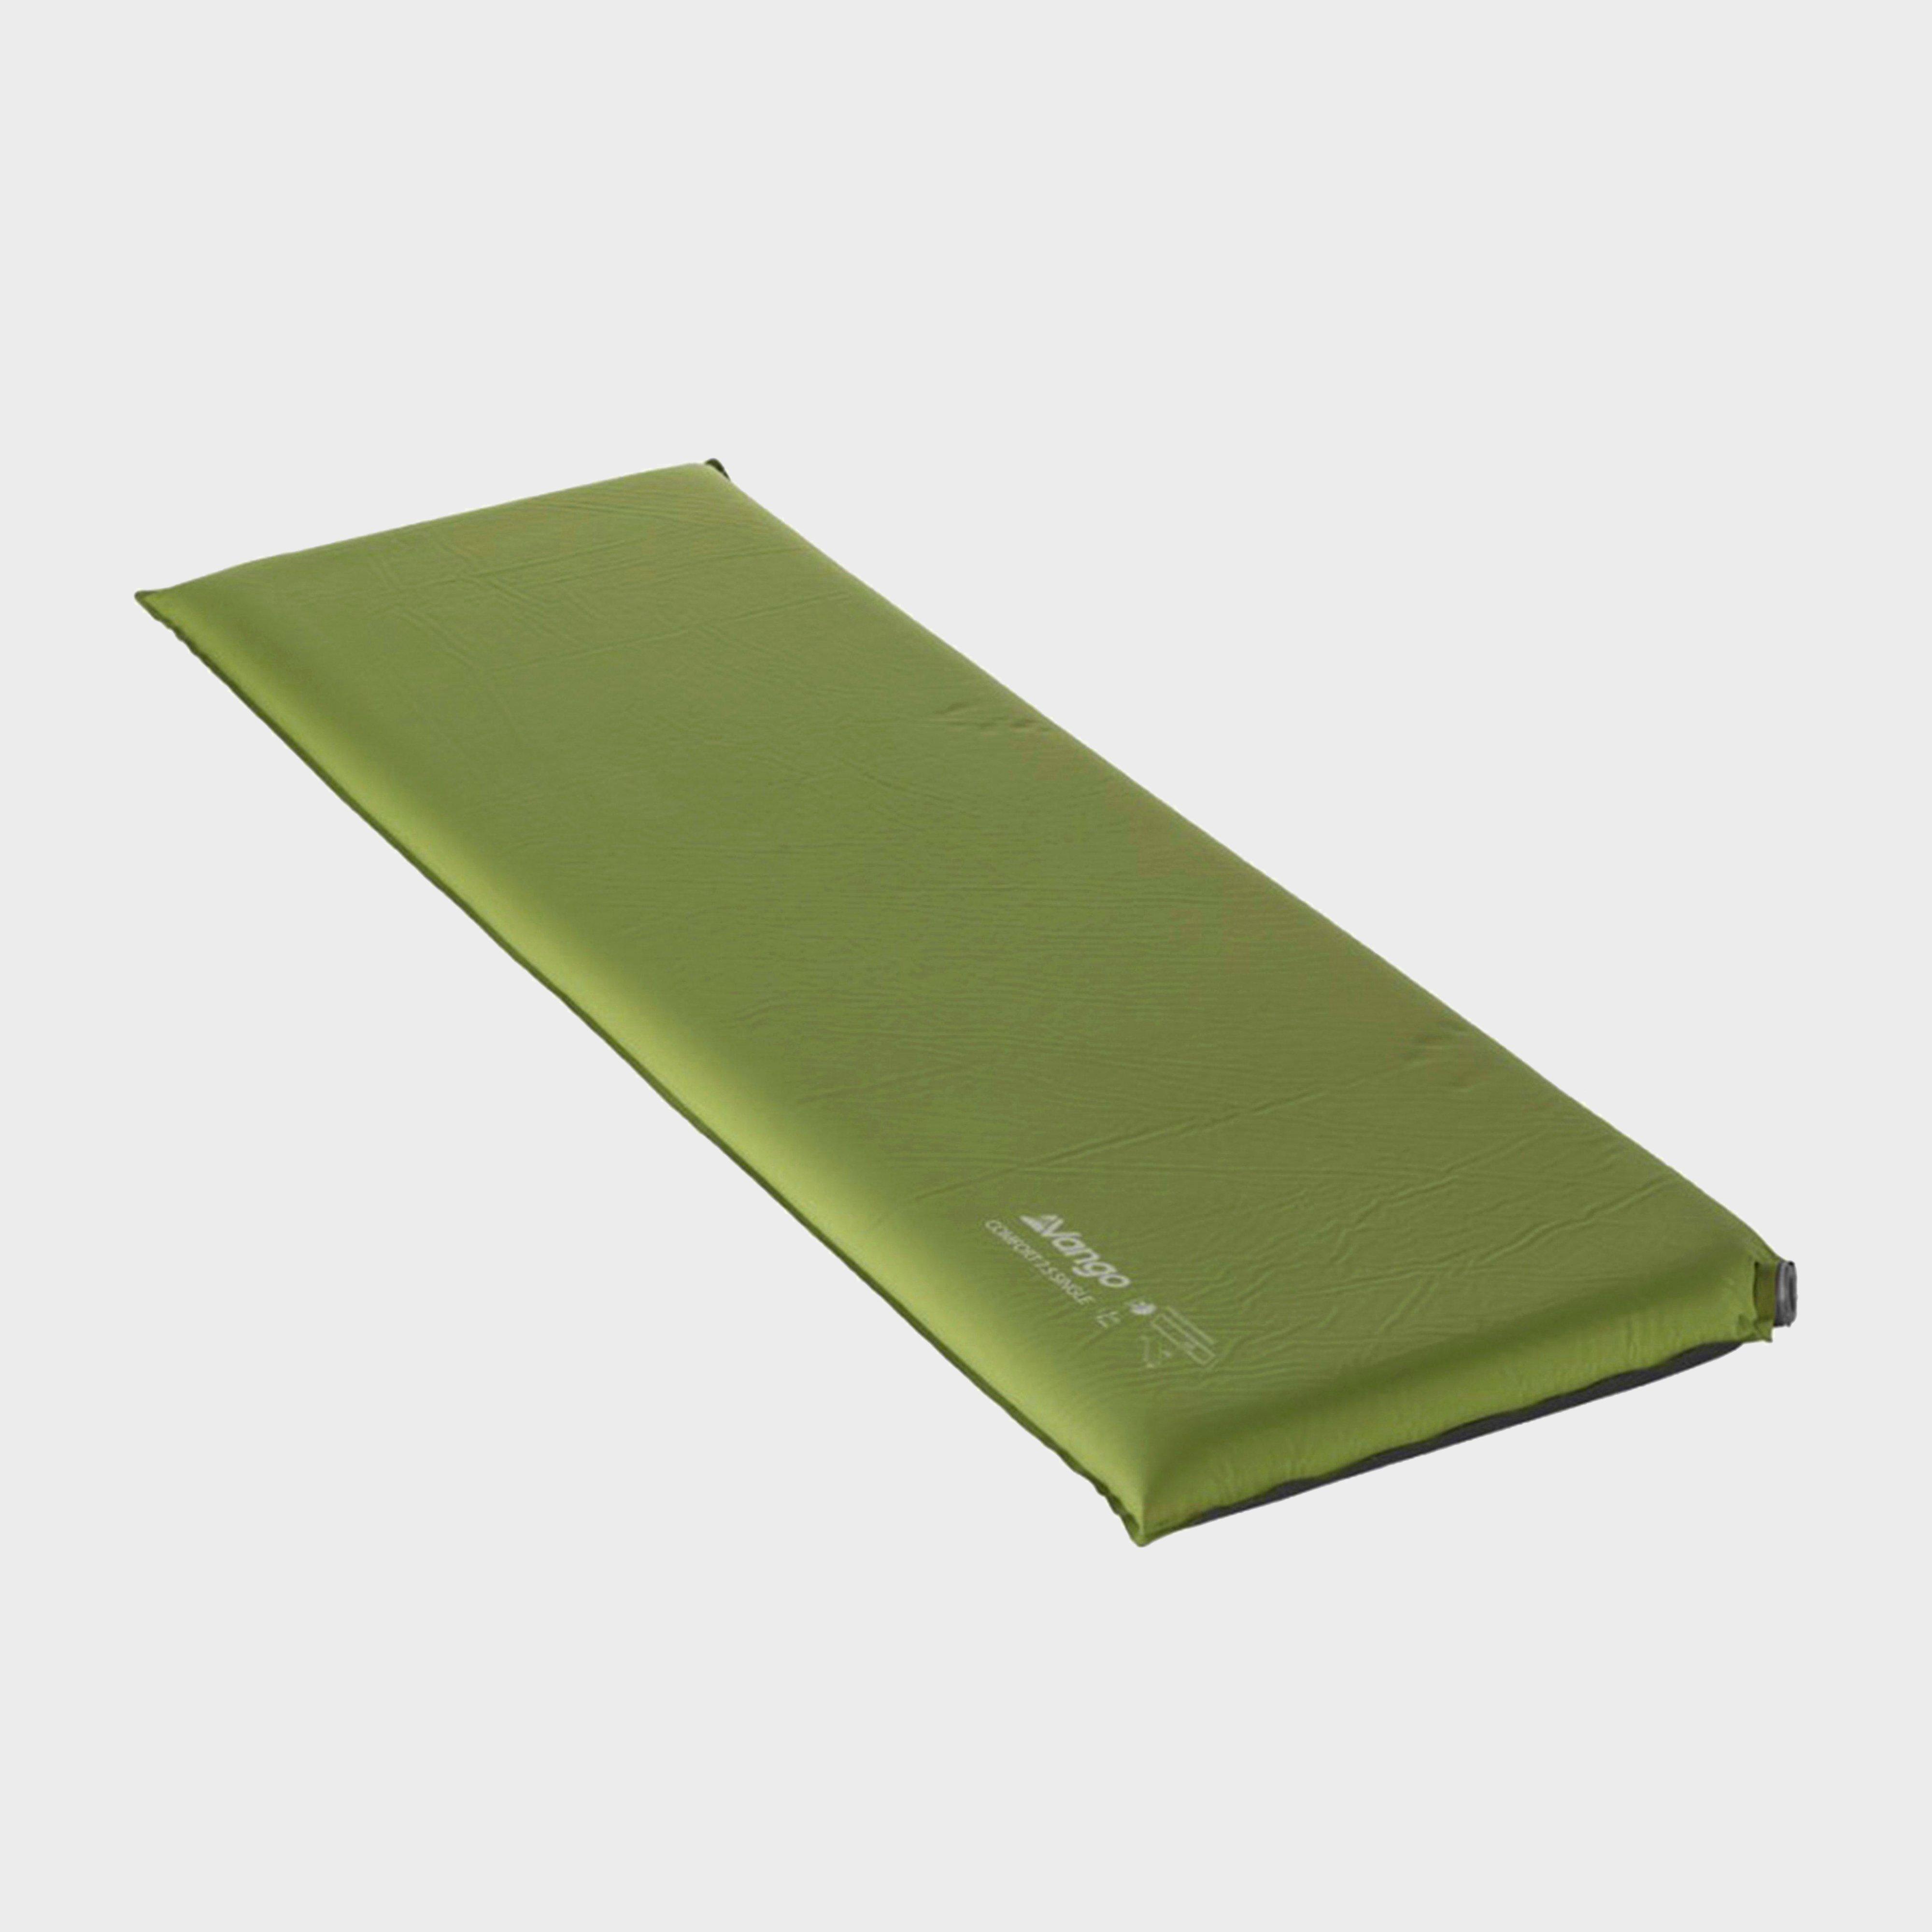 Vango Vango Comfort 7.5 Single Sleeping Mat - Green, Green